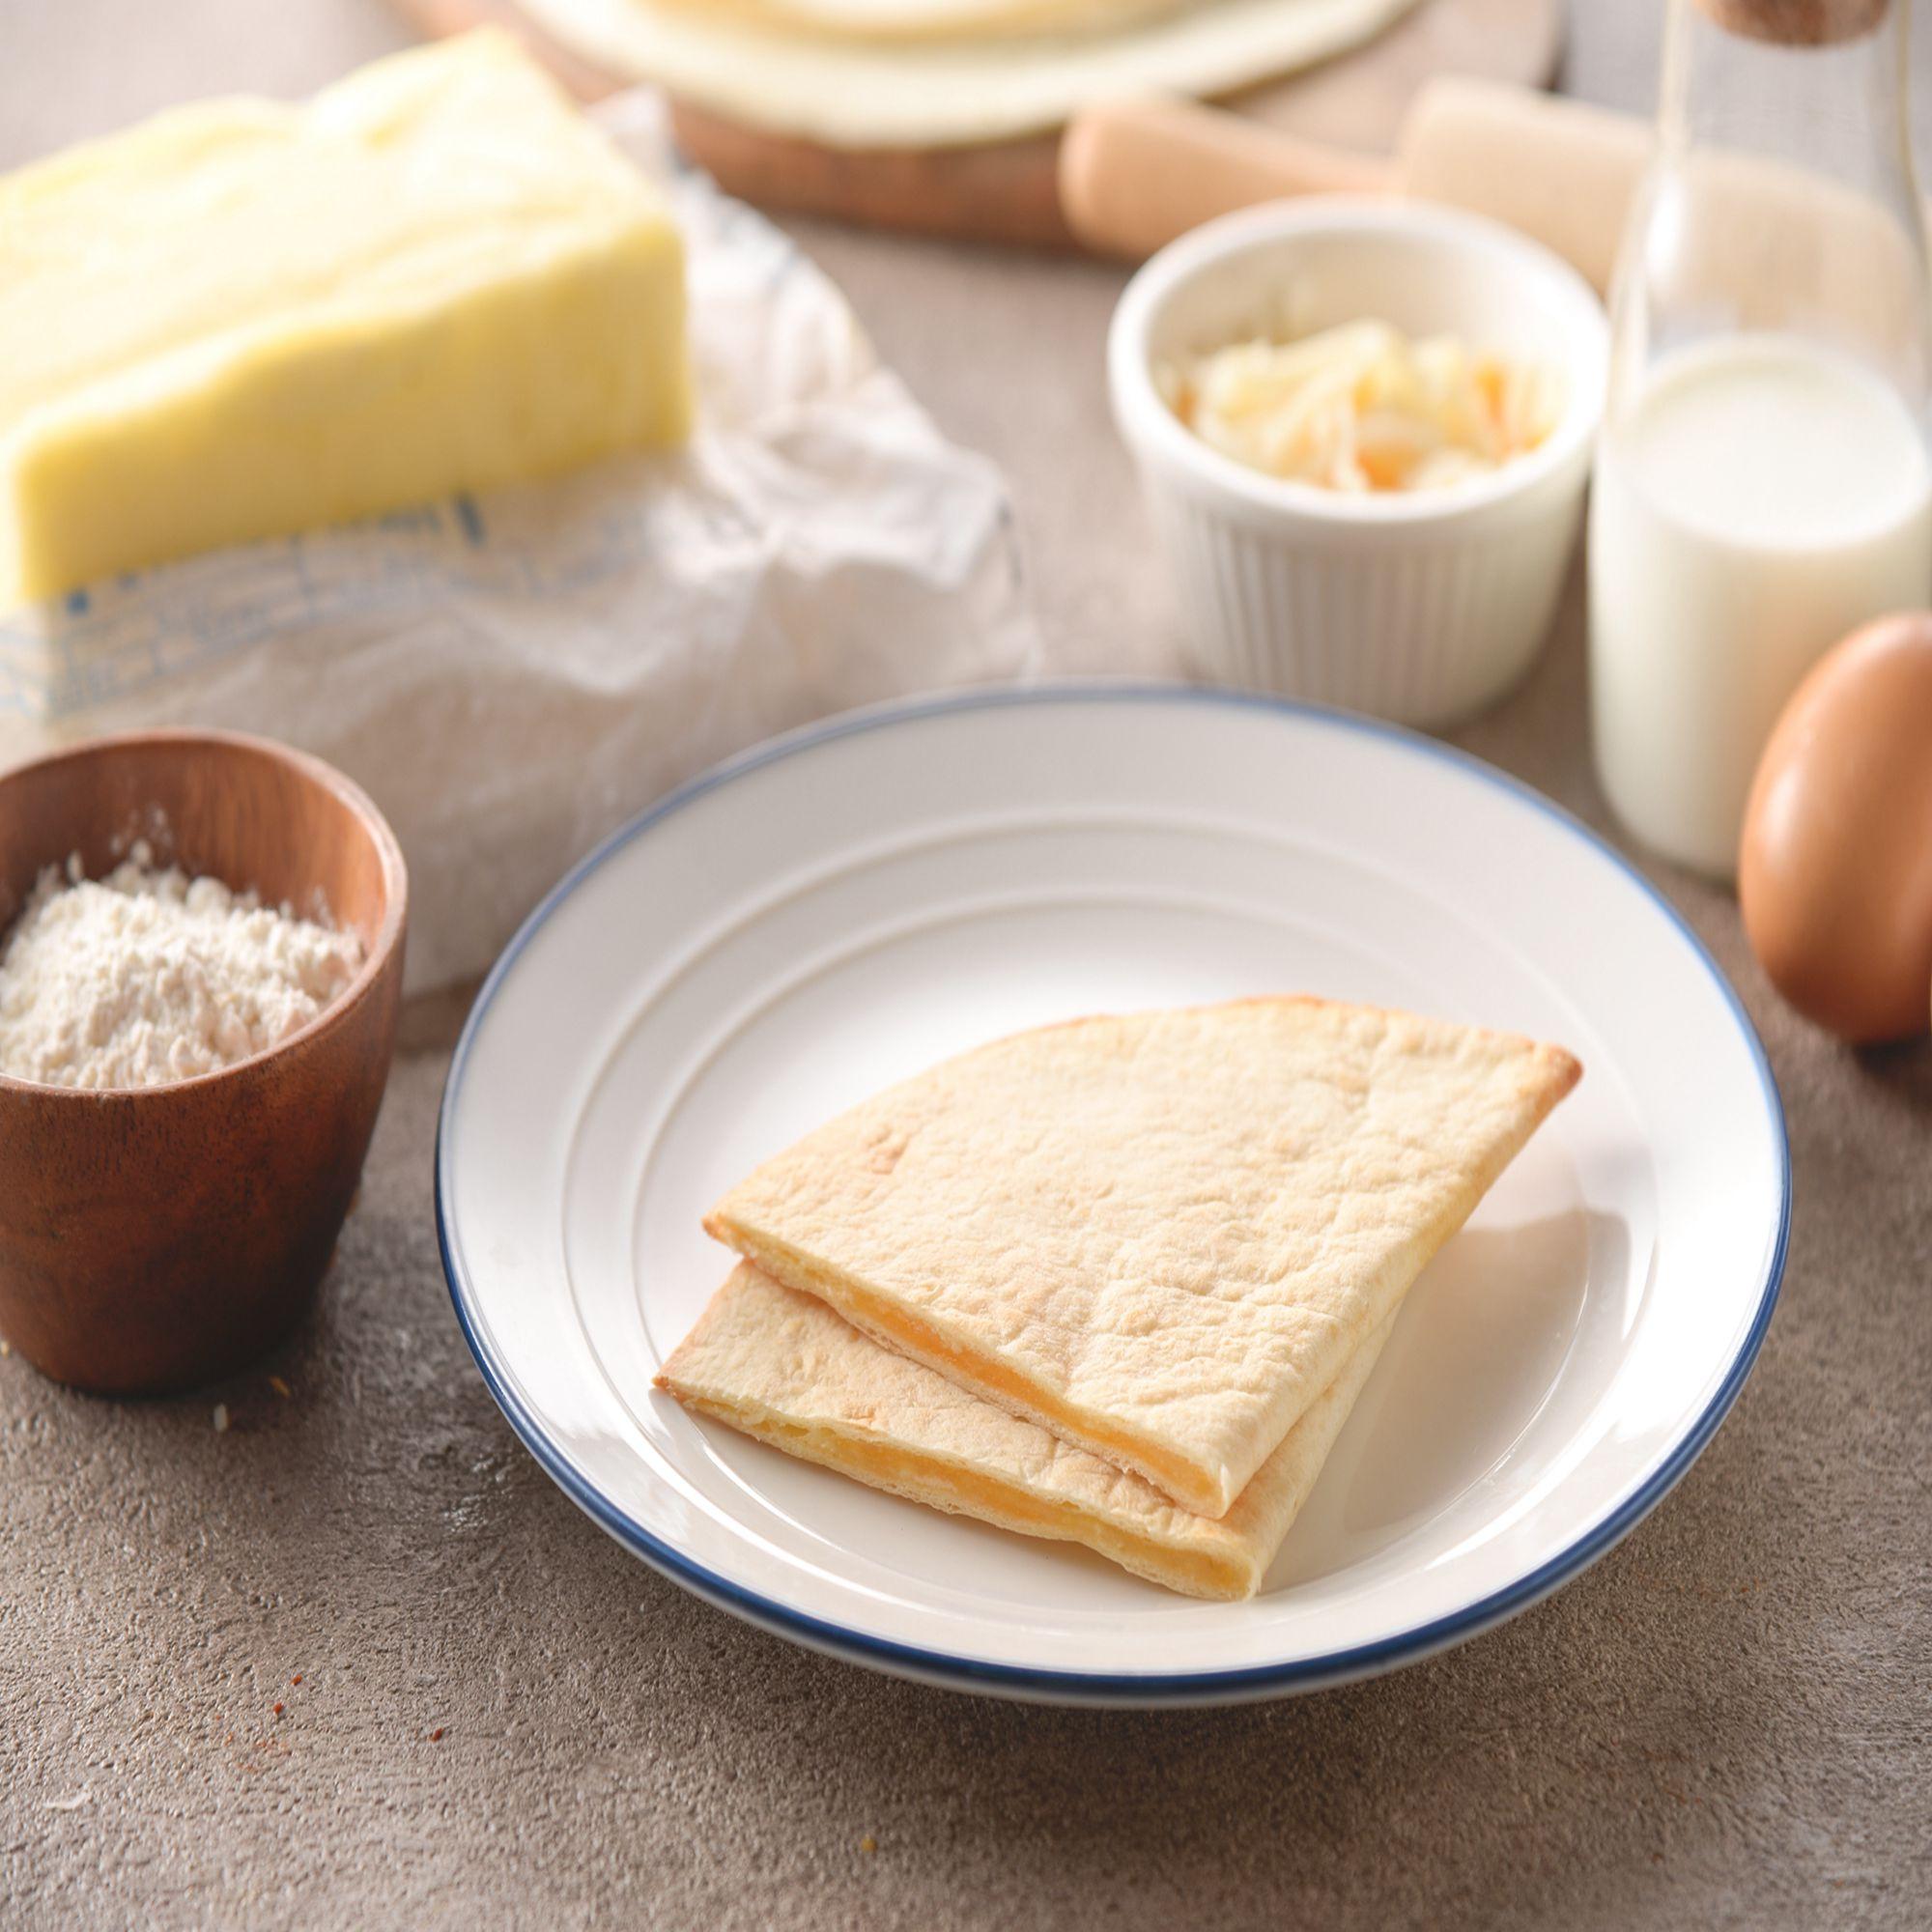 低卡脆皮義式起司烤餅【鹹甜|10入】 加熱點心 微波食品 簡單料理 17新鮮美味坊